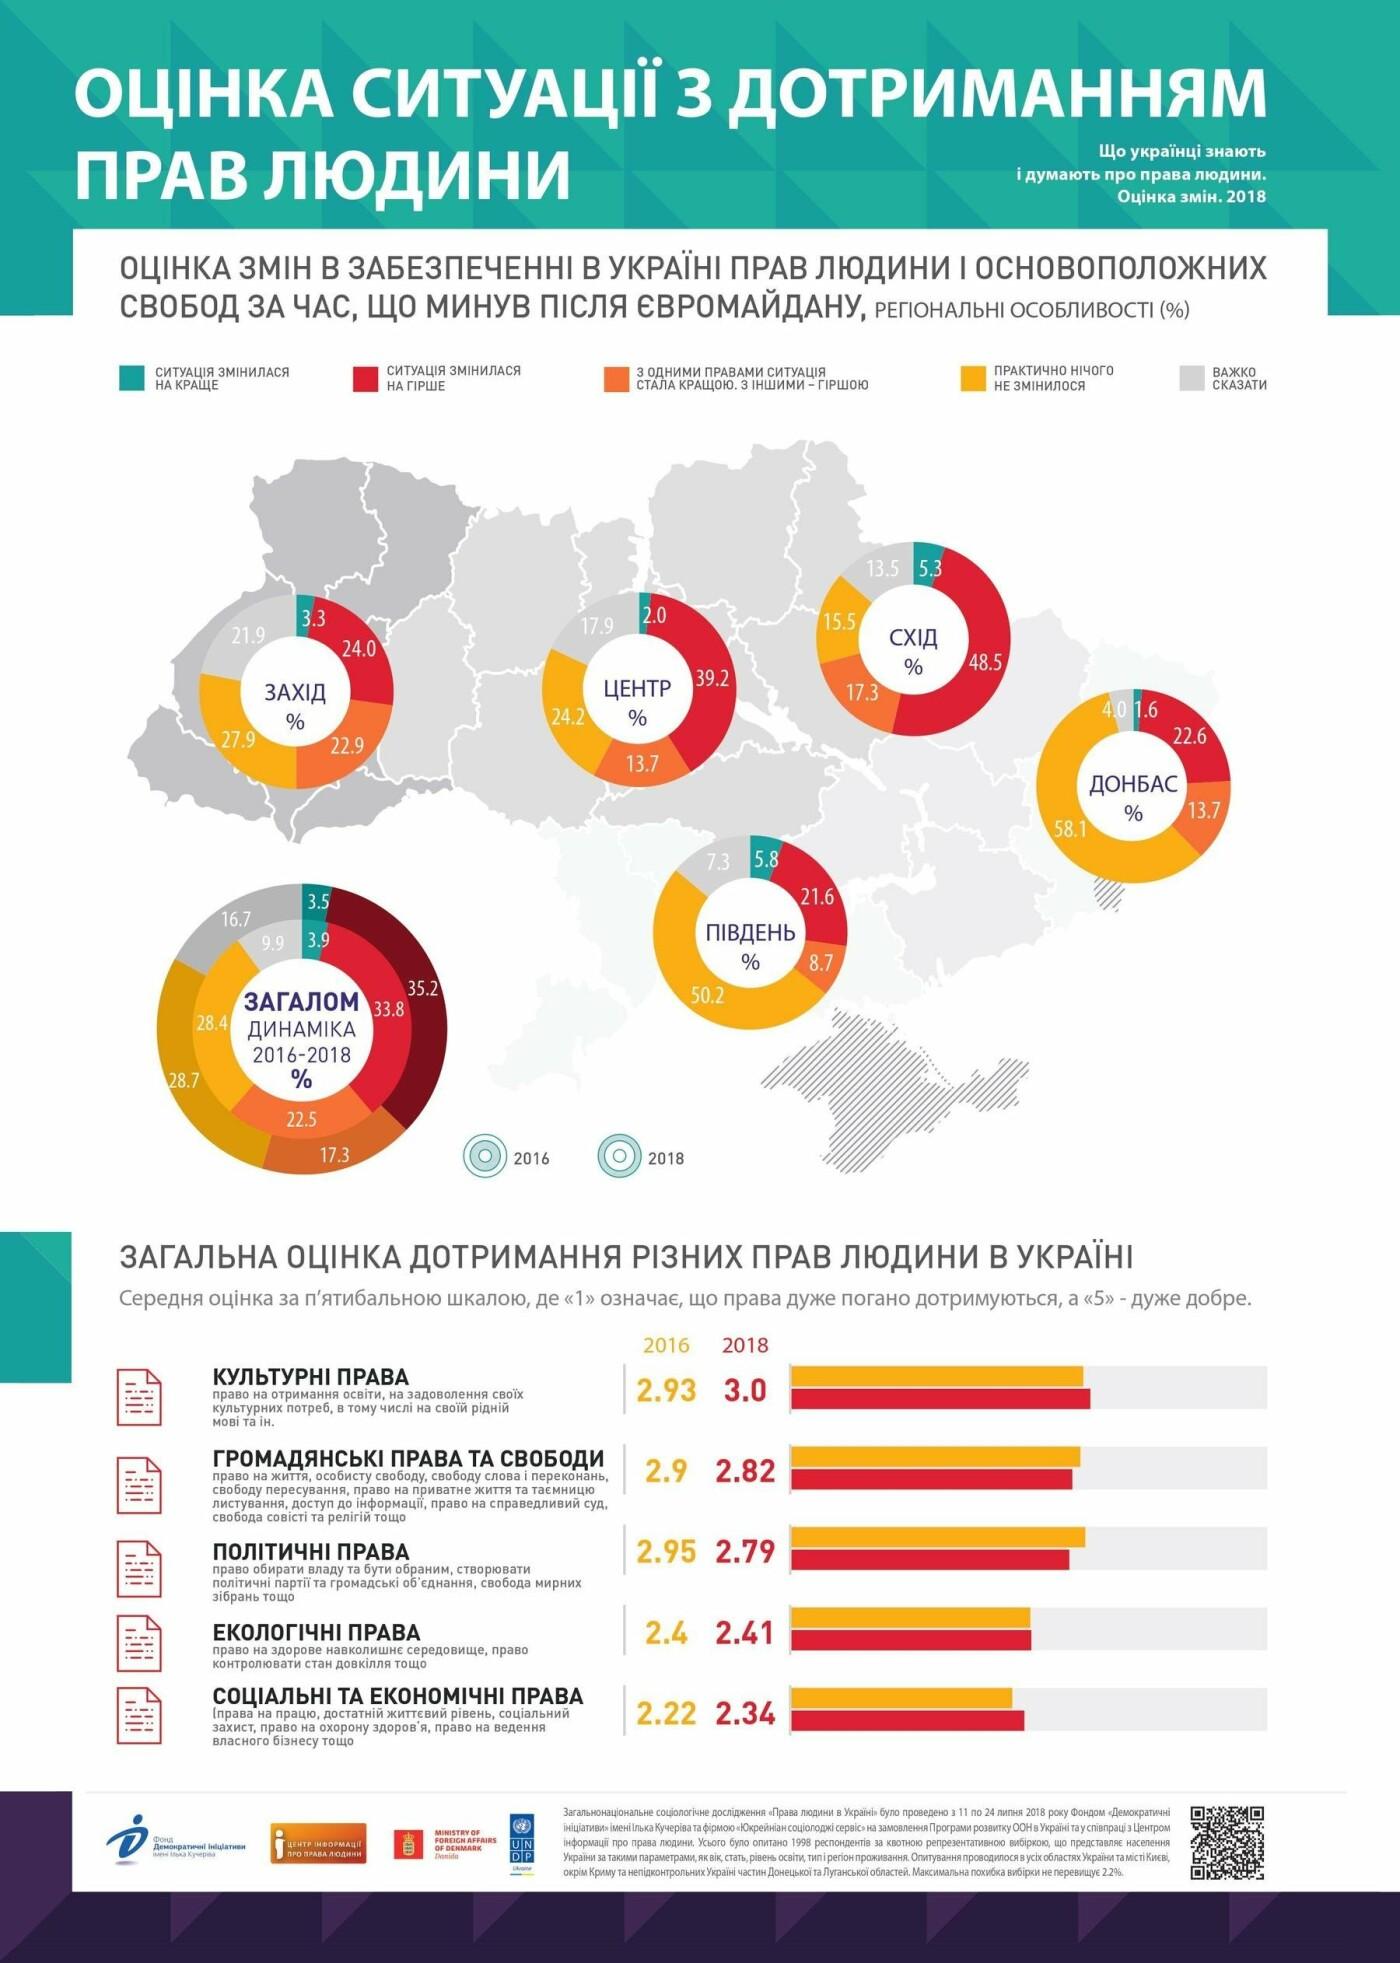 Мешканці Донбасу песимістично оцінюють зміни у ситуації з правами людини, які відбулися з часів Євромайдану, фото-3